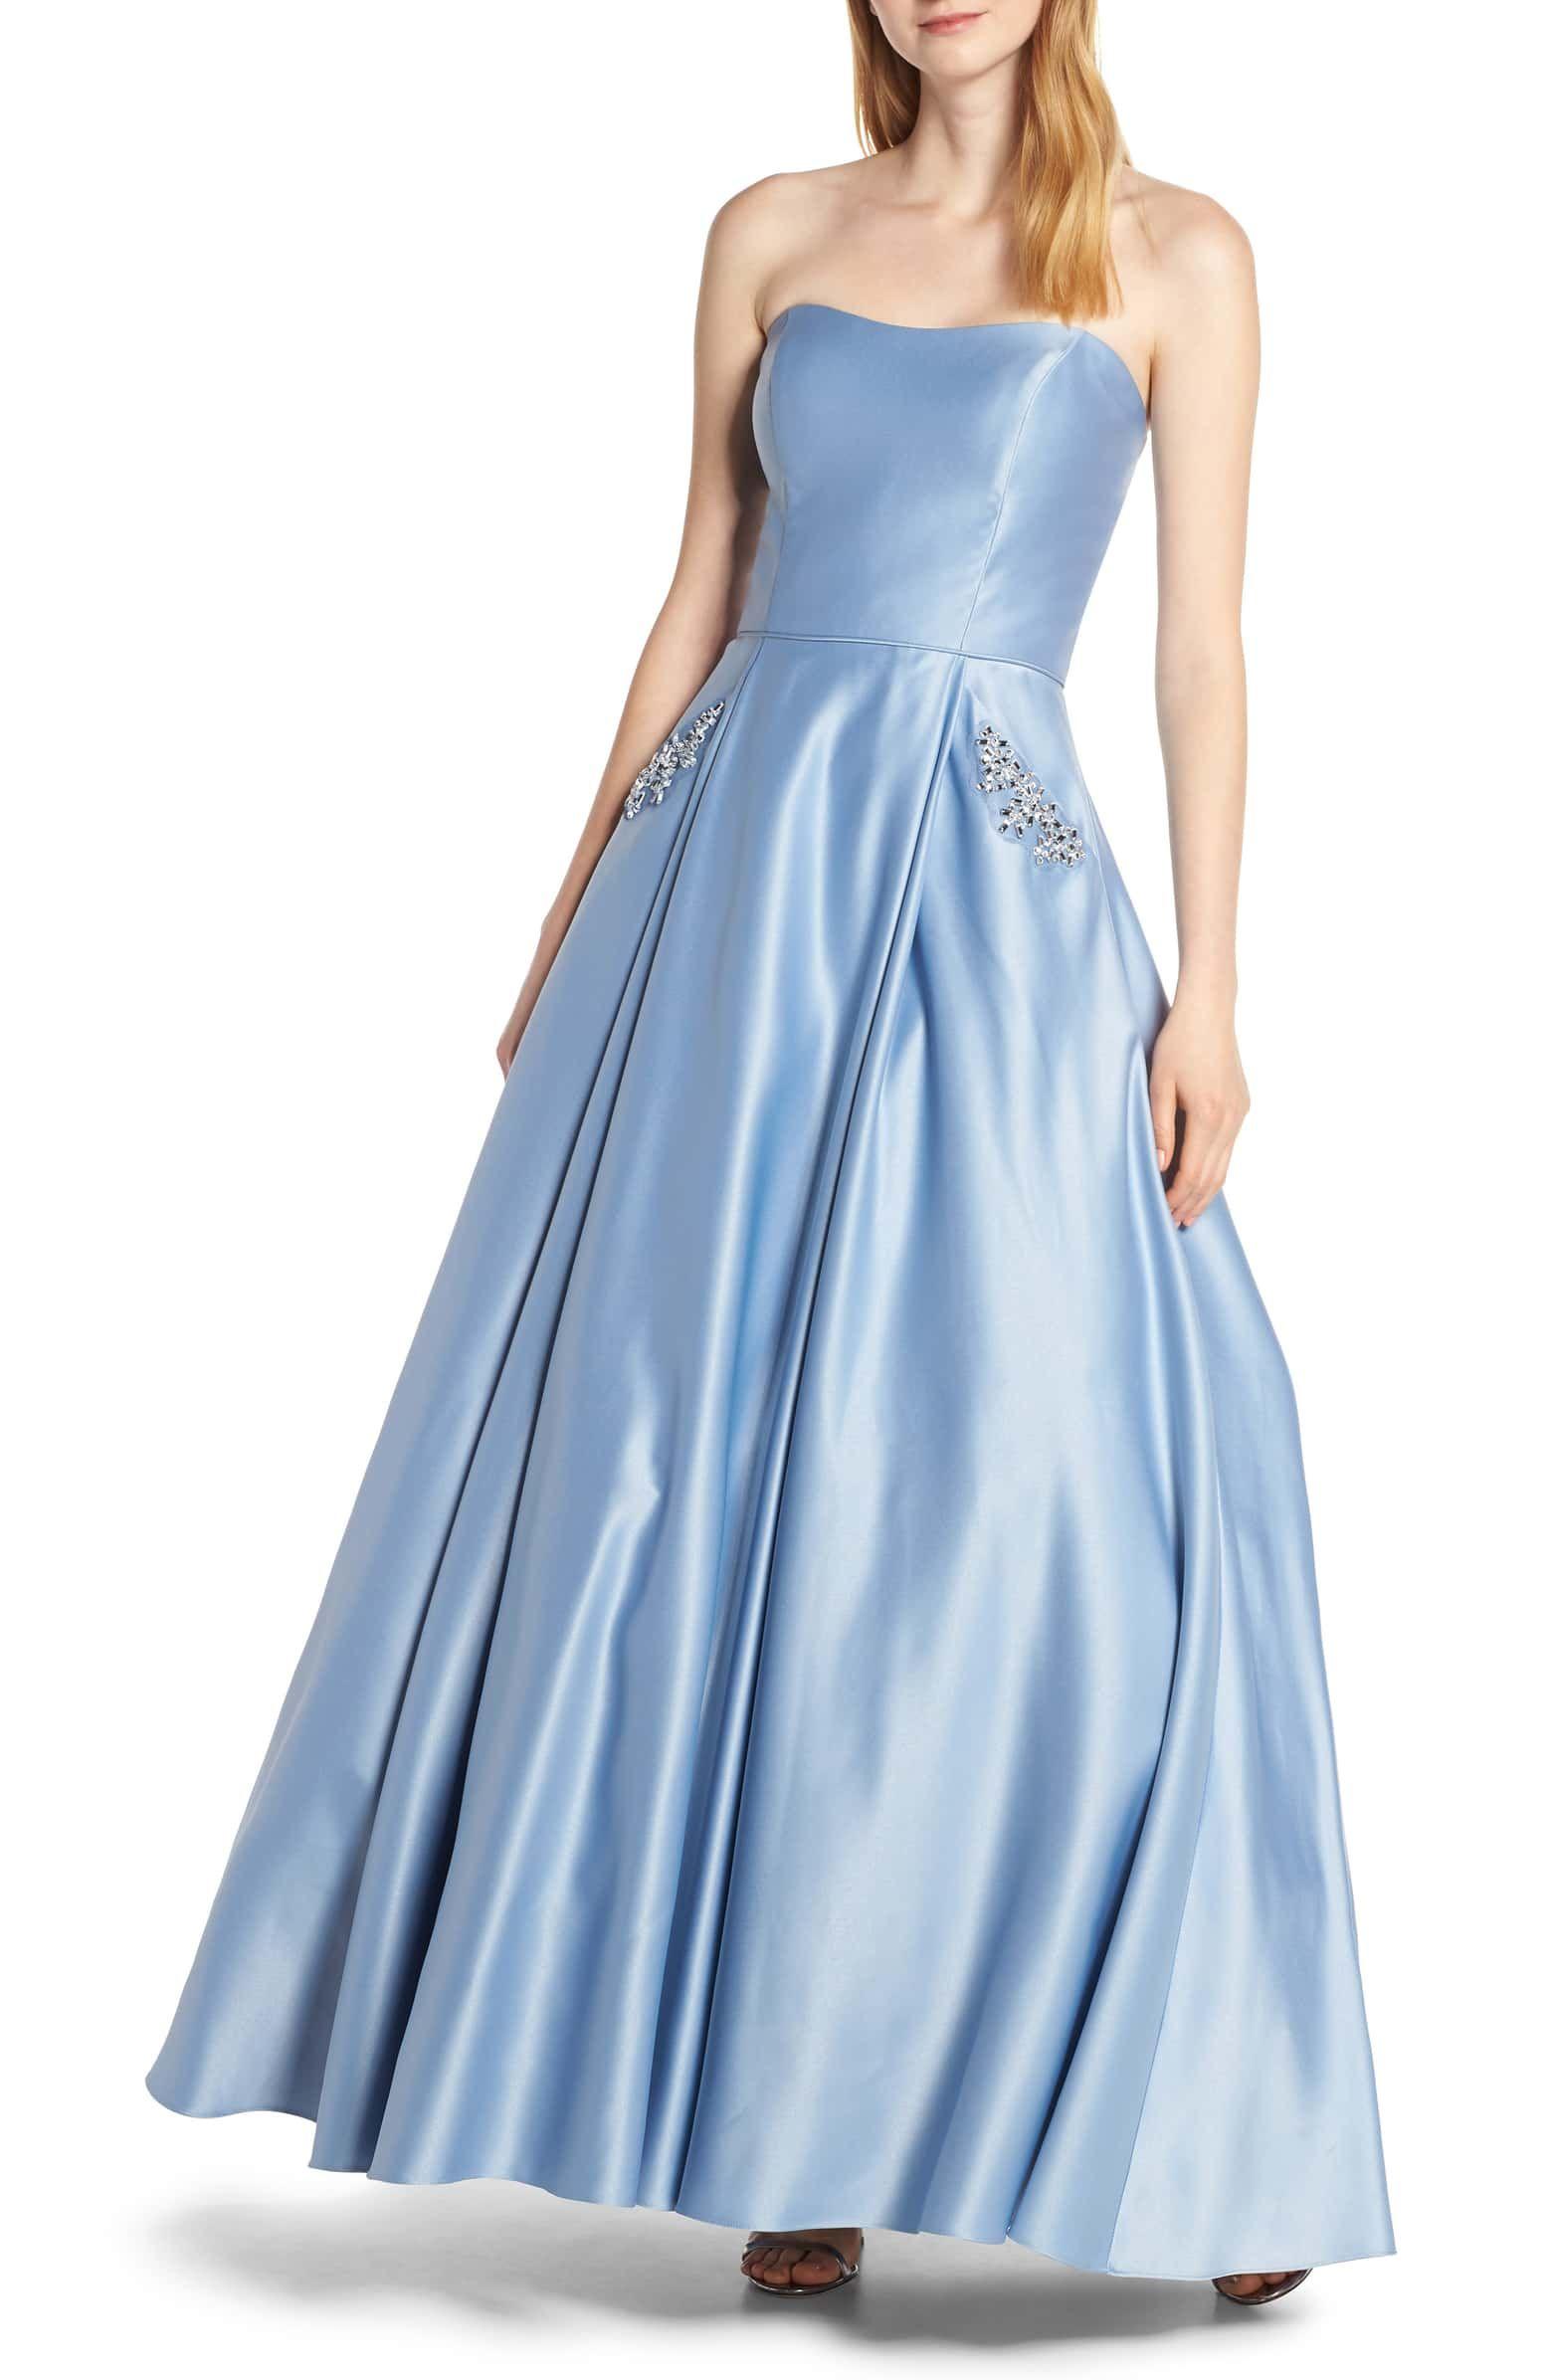 Blondie Nites Strapless Embellished Pocket Satin Evening Dress Nordstrom Floral Evening Dresses Evening Dresses Women S Evening Dresses [ 2392 x 1560 Pixel ]